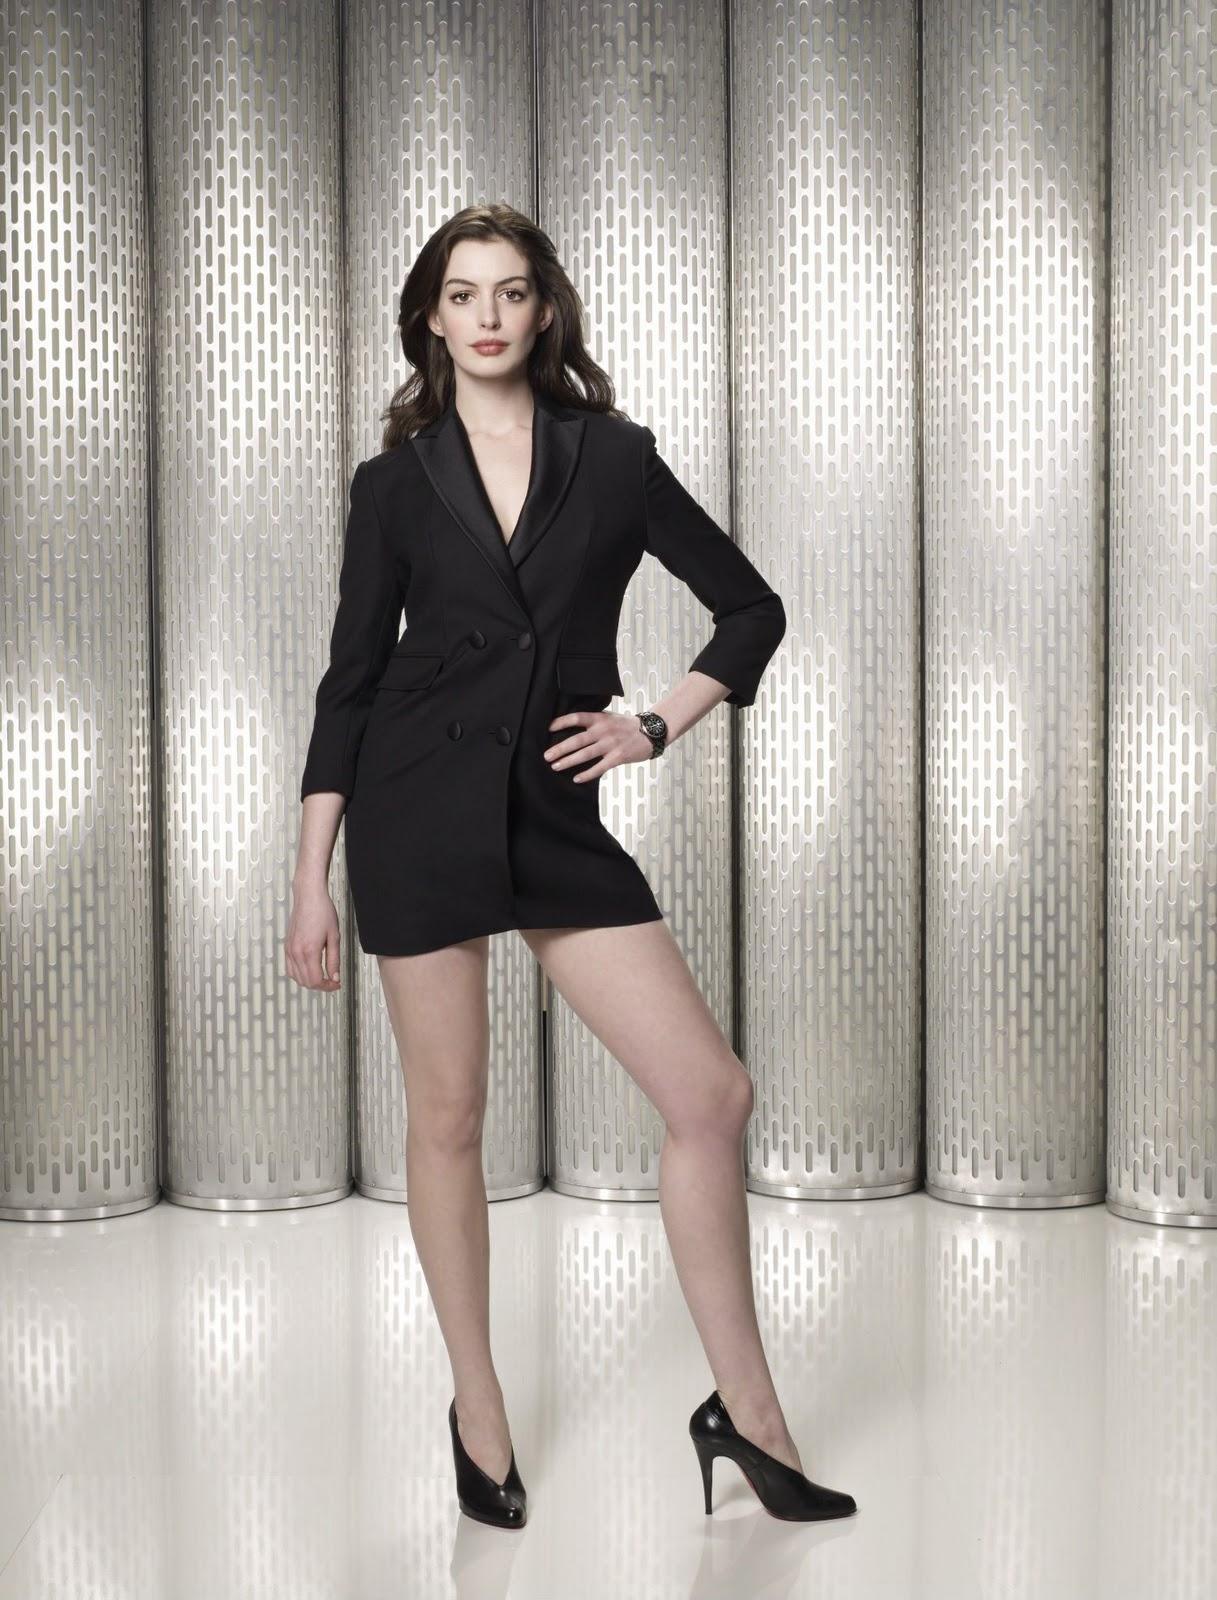 http://3.bp.blogspot.com/-rTW5dywVmWk/Tw8r9tTYI3I/AAAAAAAAJdY/zNVtk-Vp6Yo/s1600/Anne+Hathaway+-+Get+Smart+-+Promo+Photo+a9.jpg